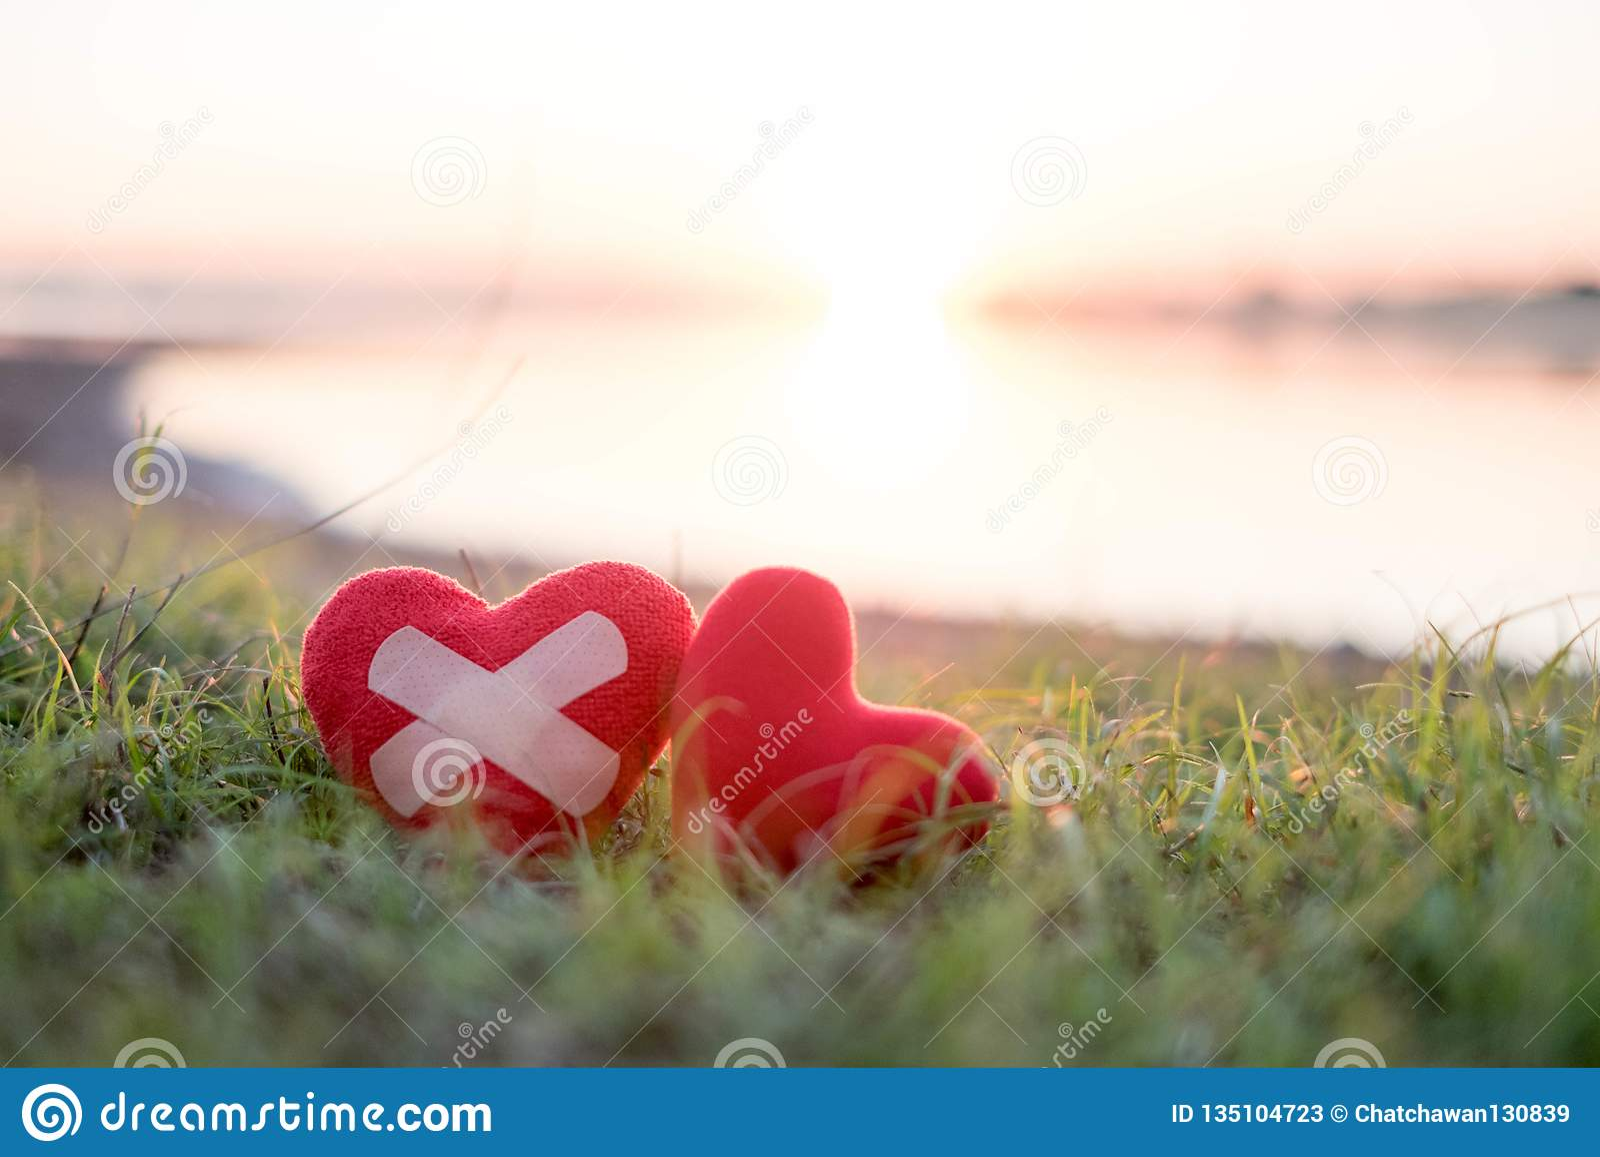 与膏药的心脏和红心在背景中,太阳落